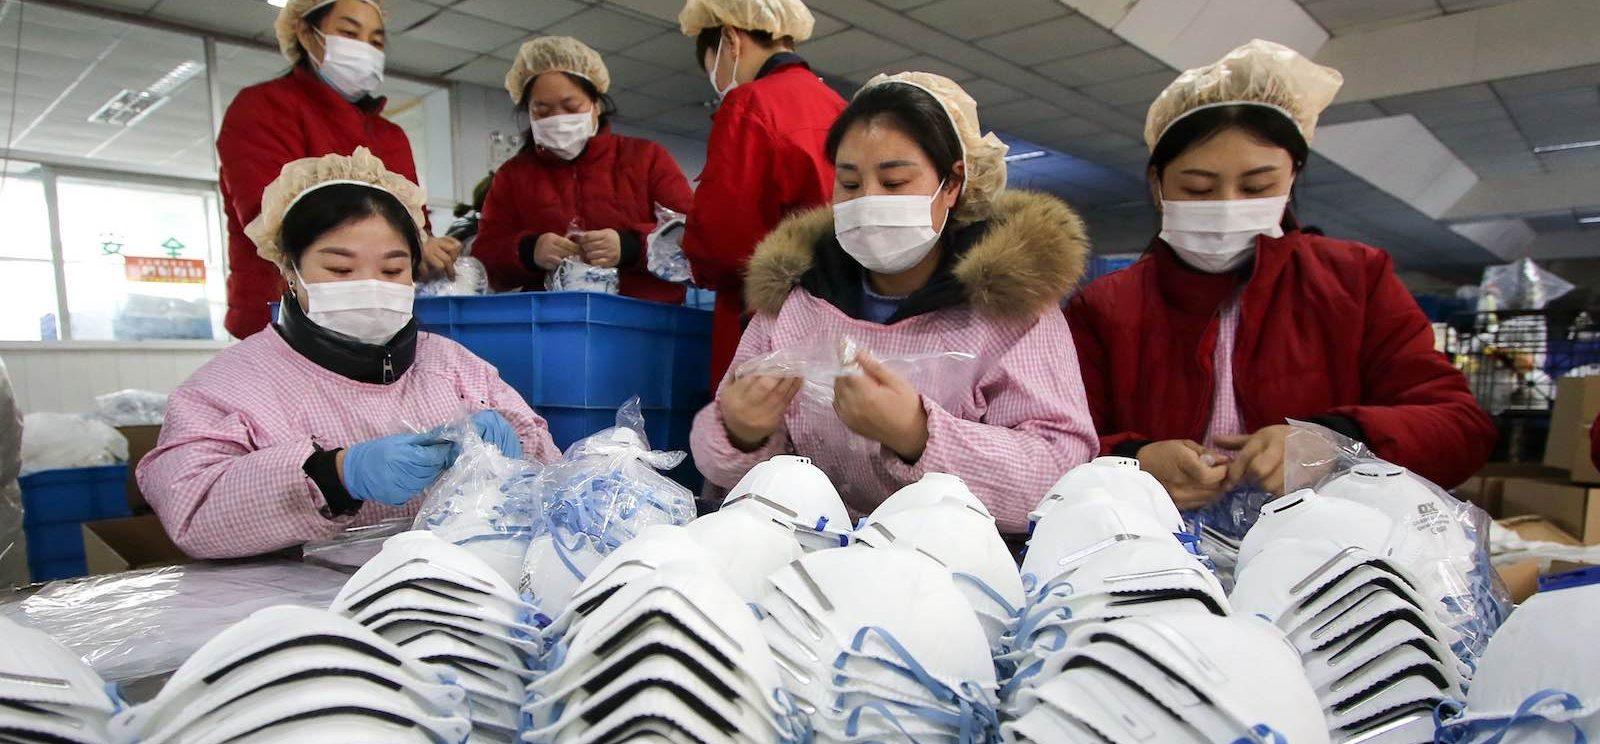 Usine de production de masques à Handan, dans la province du Hebei au nord de la Chine, le 22 janvier 2020. (Source : Lowy Institute)